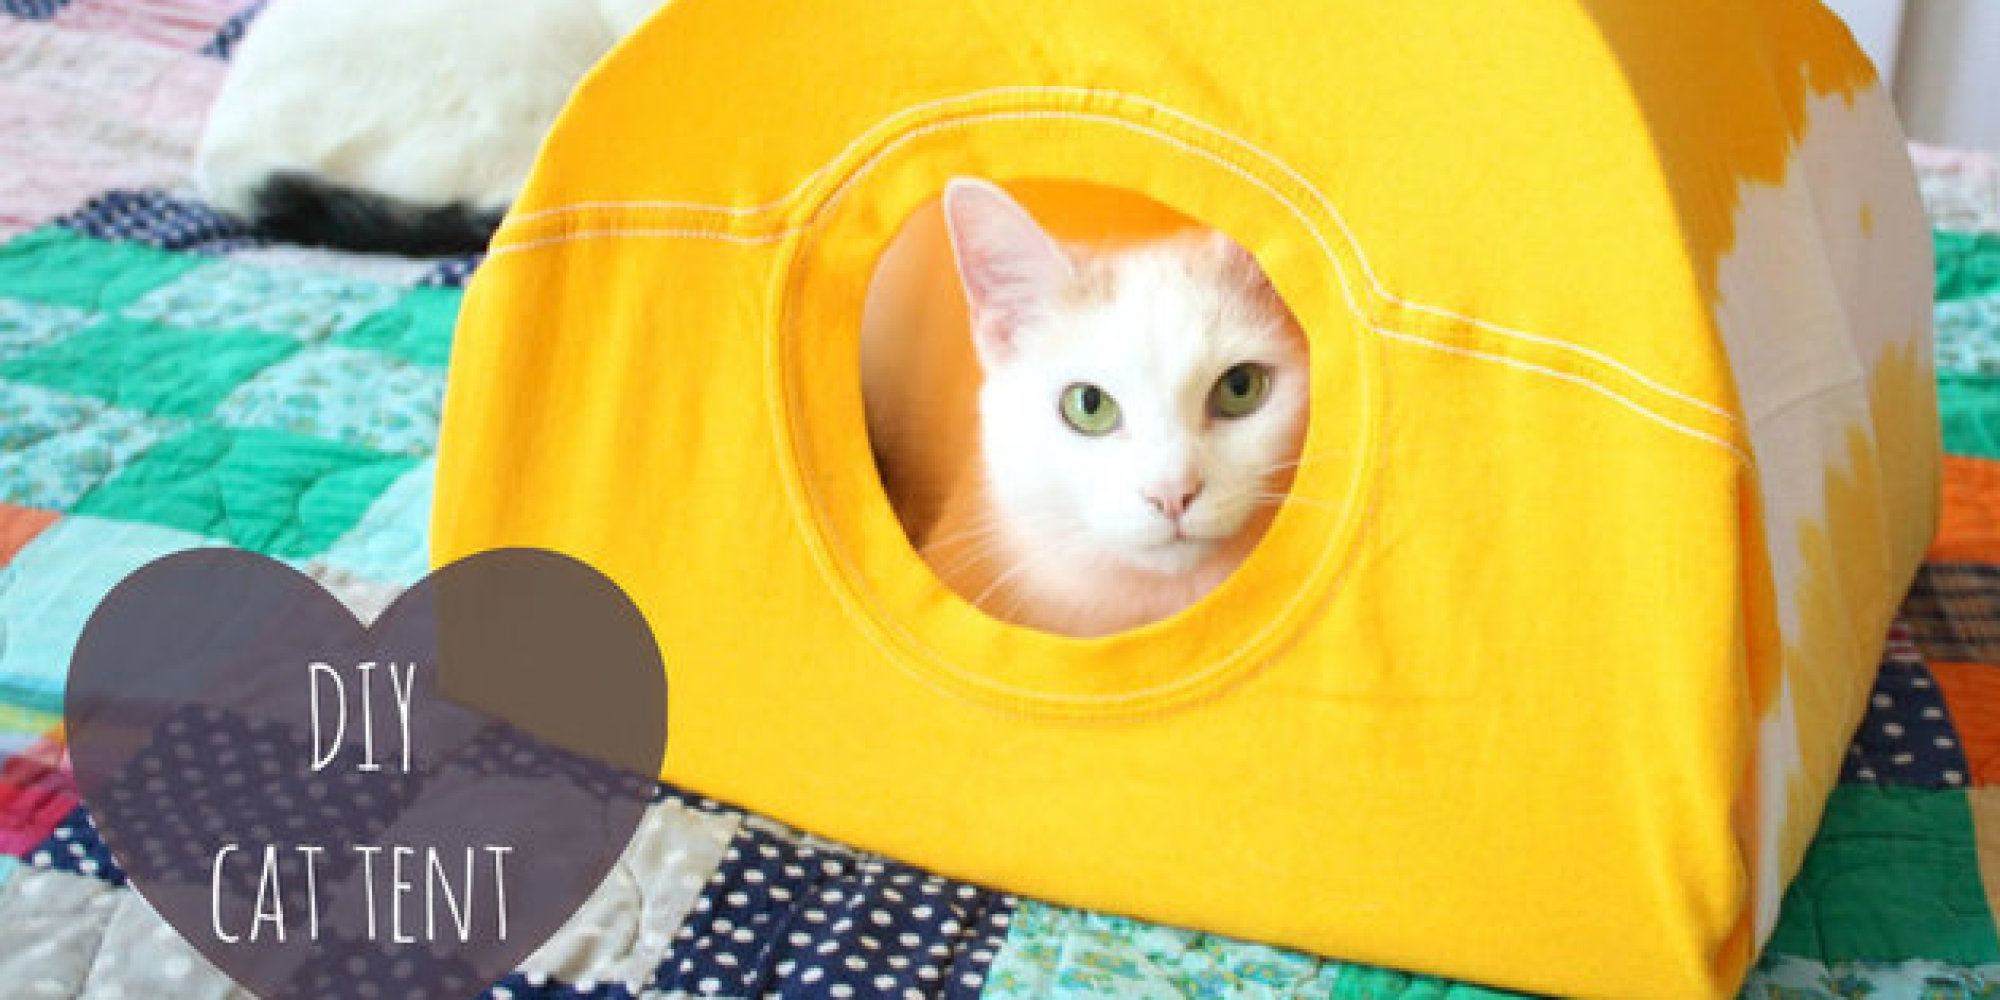 voici comment fabriquer une tente pour chat avec un vieux. Black Bedroom Furniture Sets. Home Design Ideas